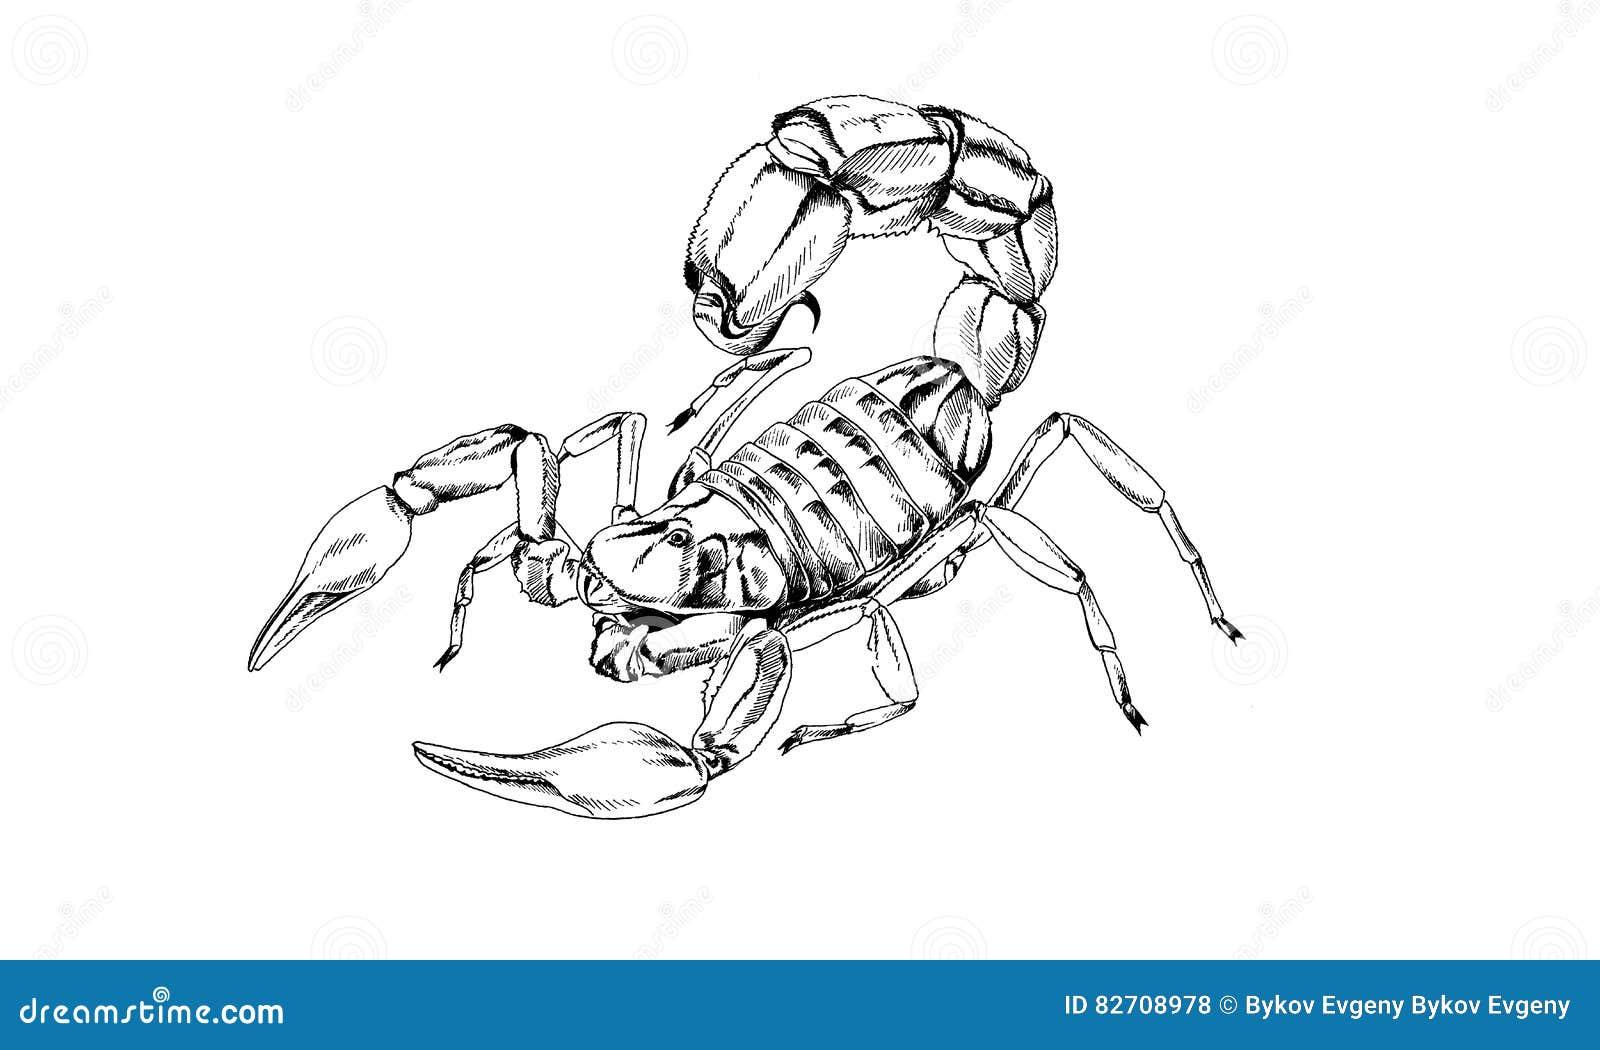 Skorpion Wird In Tintentätowierung Gezeichnet Vektor Abbildung